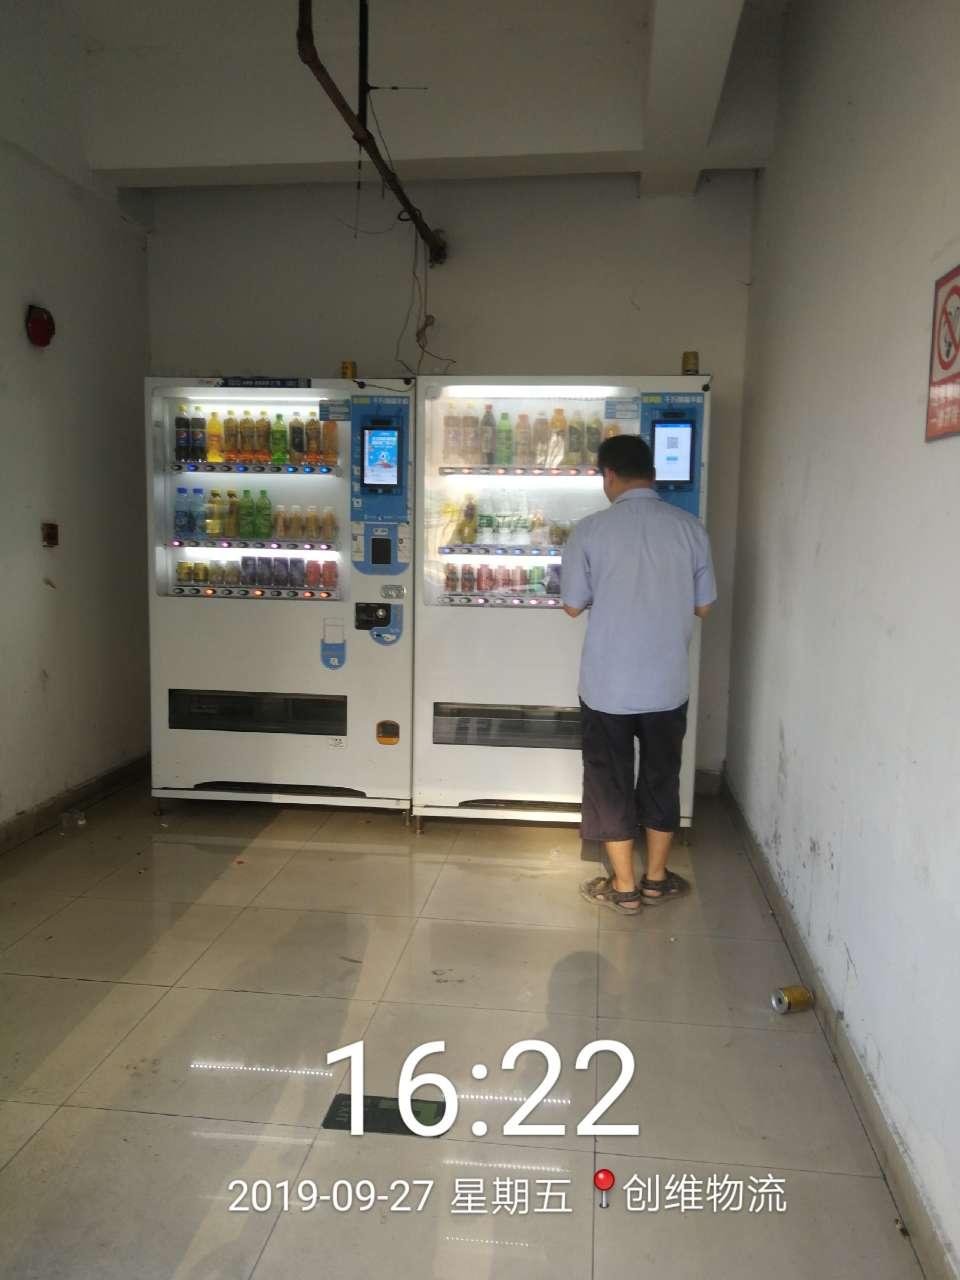 无人售货机,自动售卖机,自助贩卖机,自动售货机,智能售货机